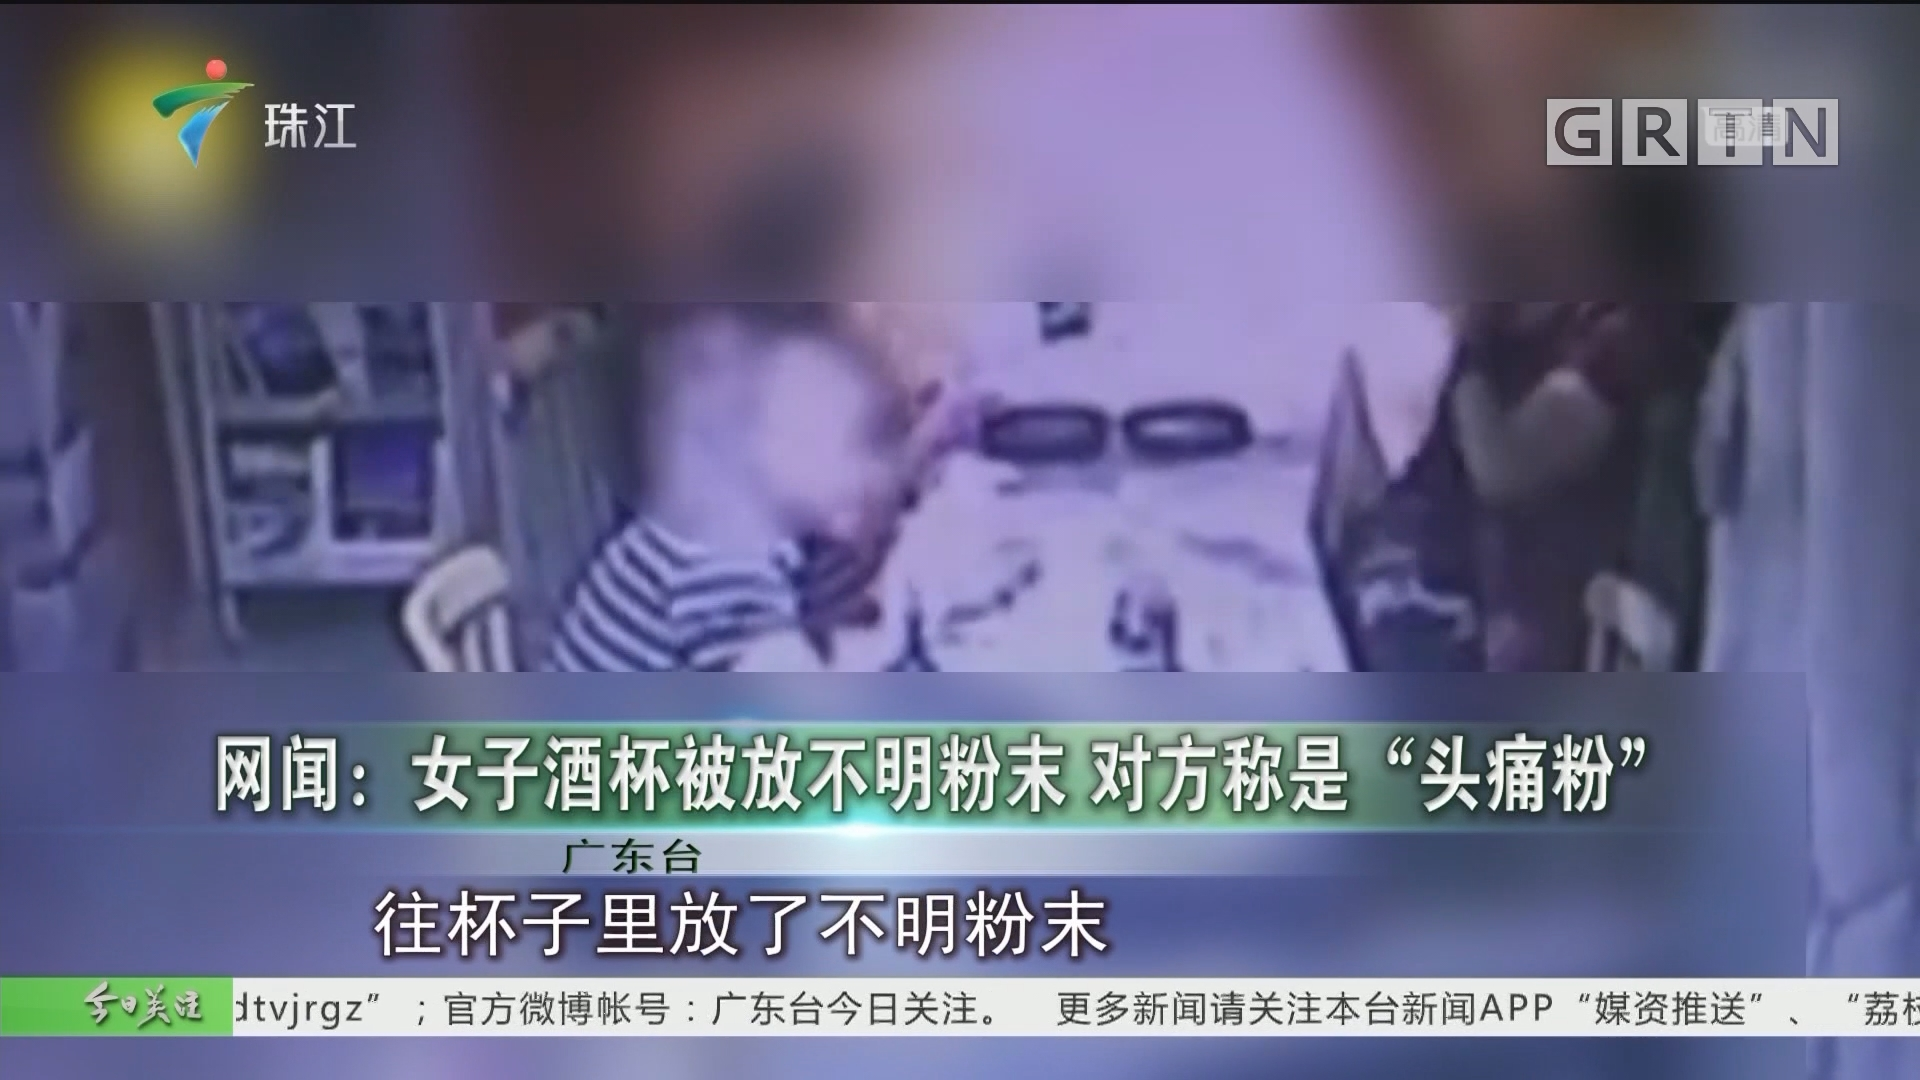 """網聞:女子酒杯被放不明粉末 對方稱是""""頭痛粉"""""""